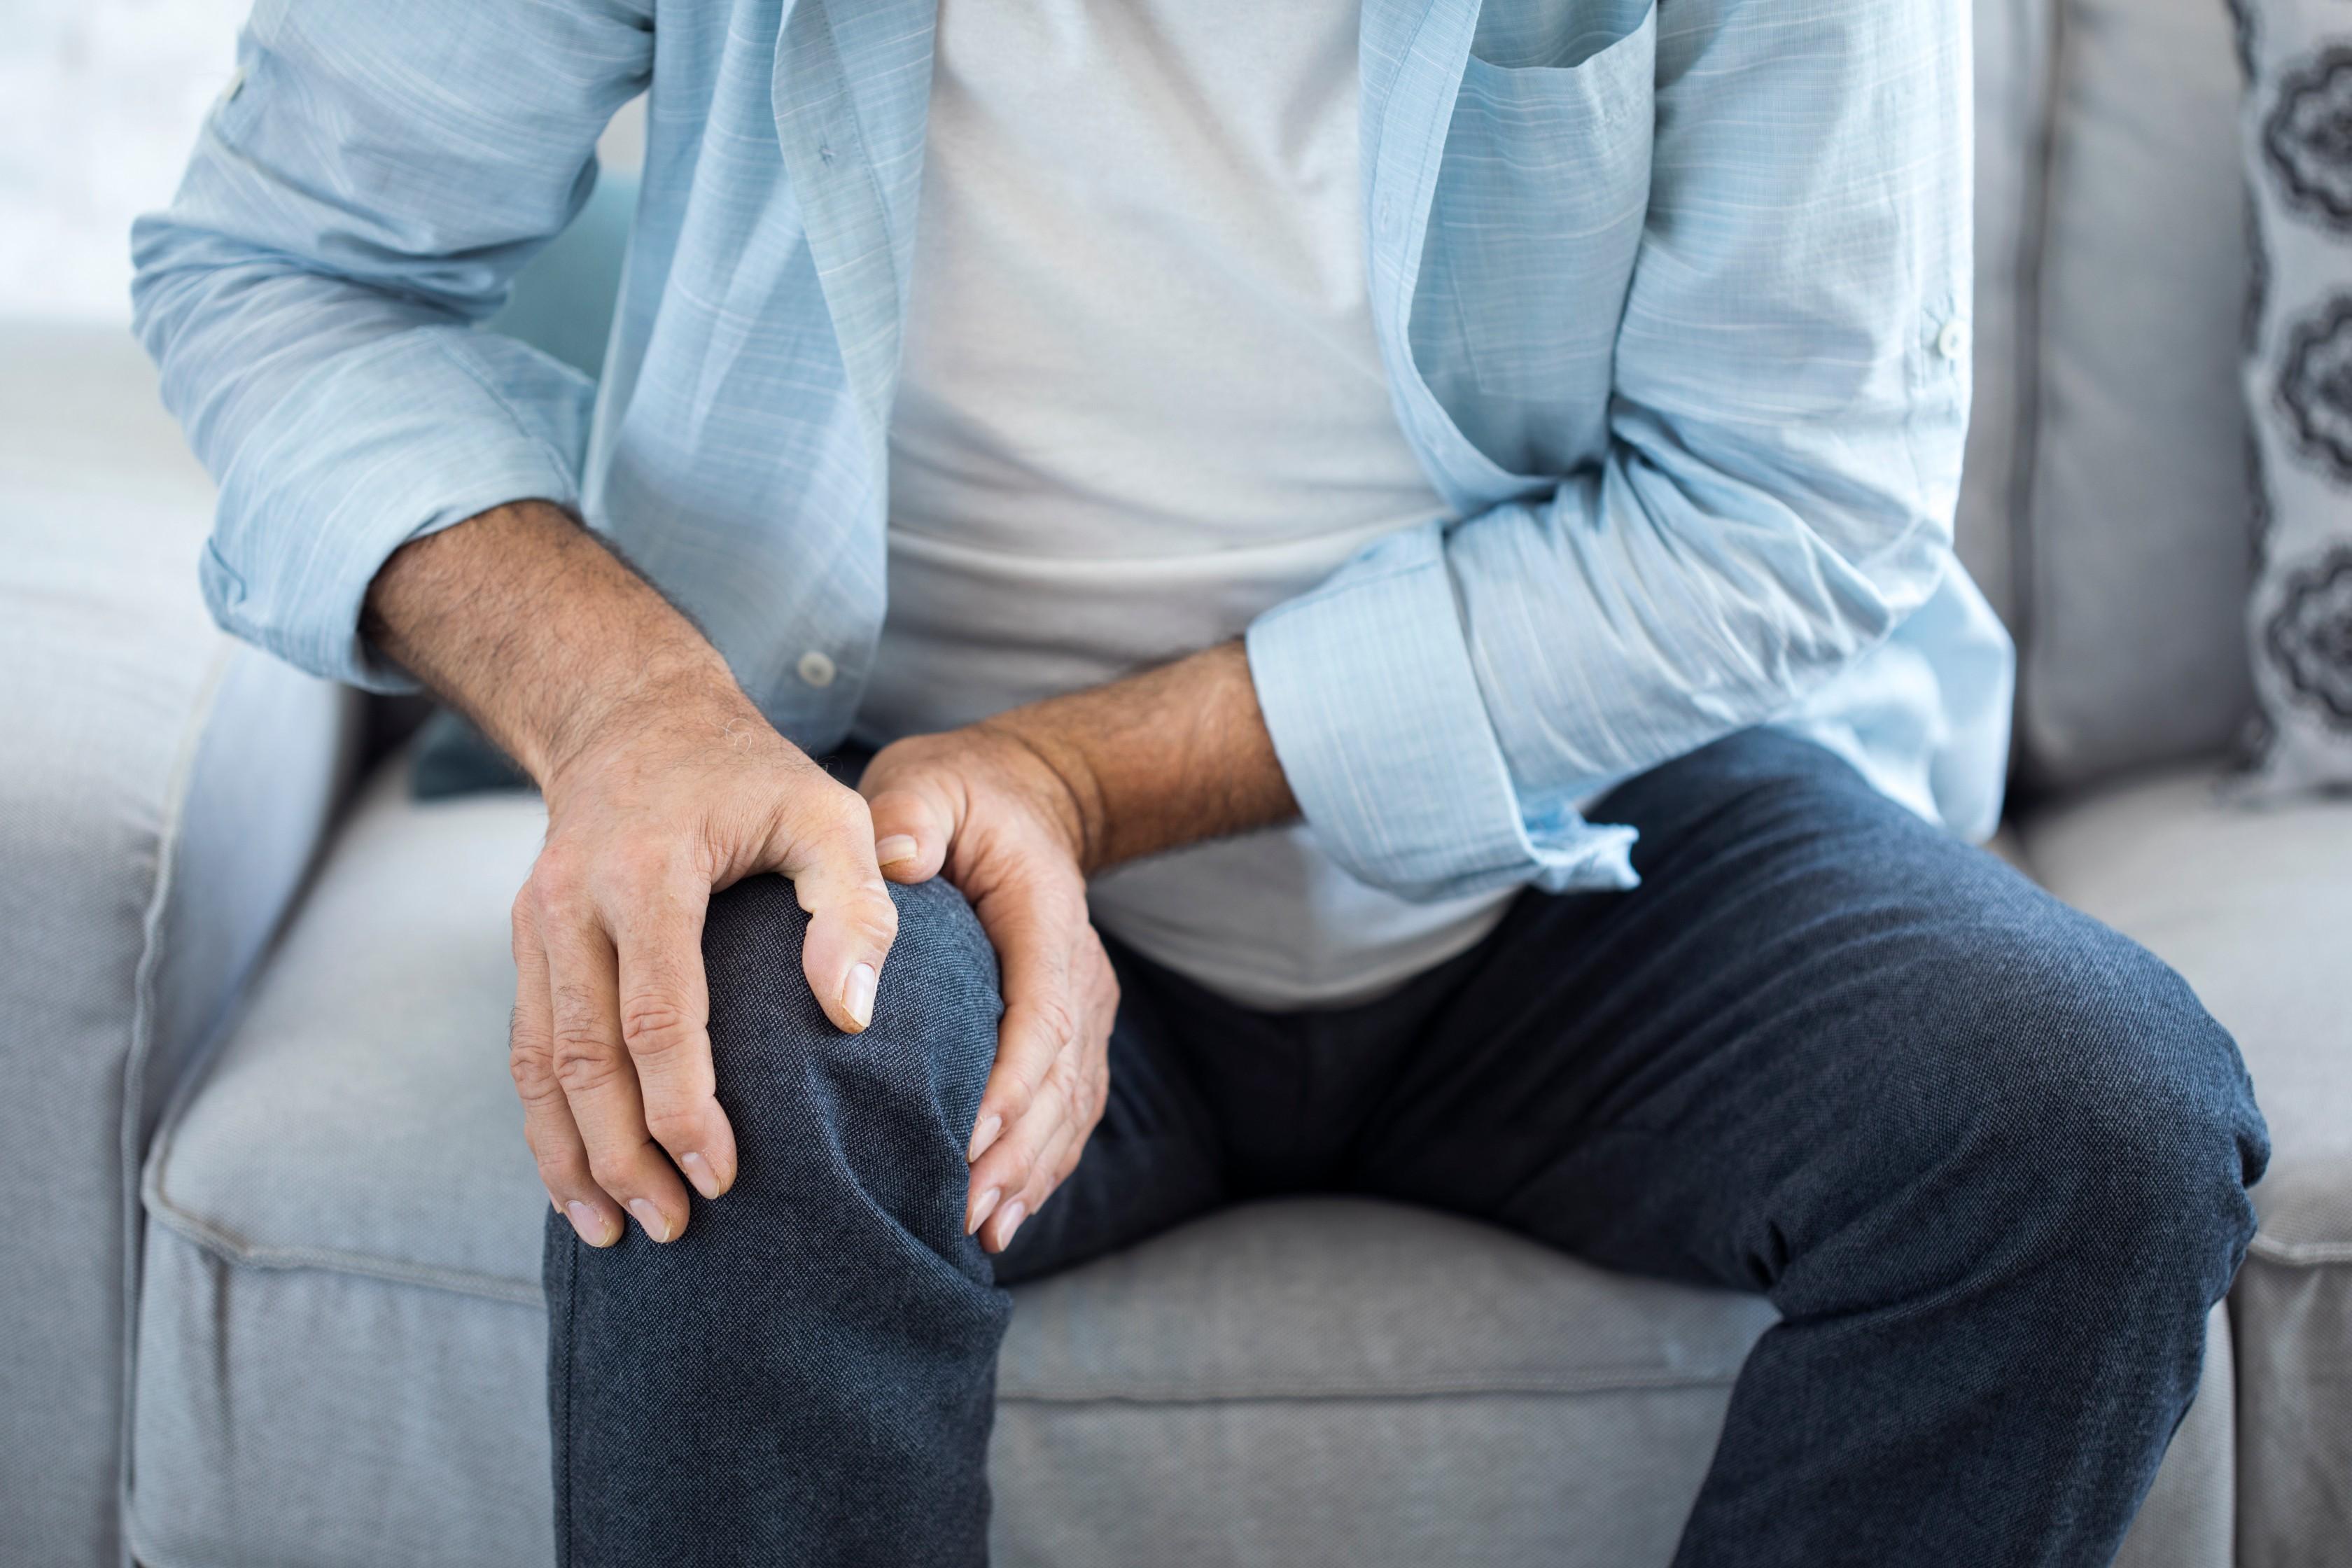 hogyan kell kezelni a kalcaneális ízületet fáj a csípőízület bal oldalán